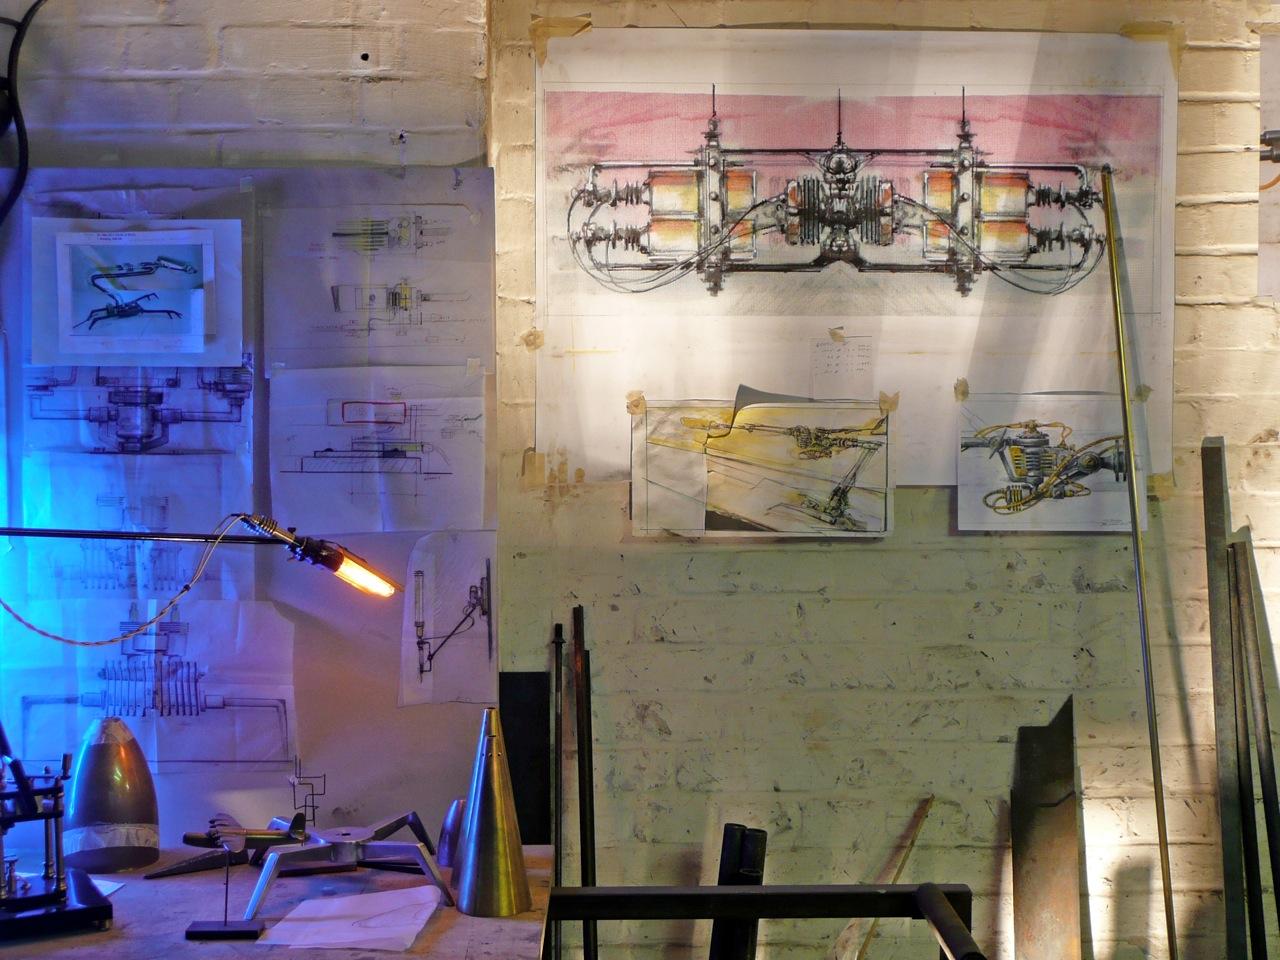 Frank Buchwald Atelier drawings